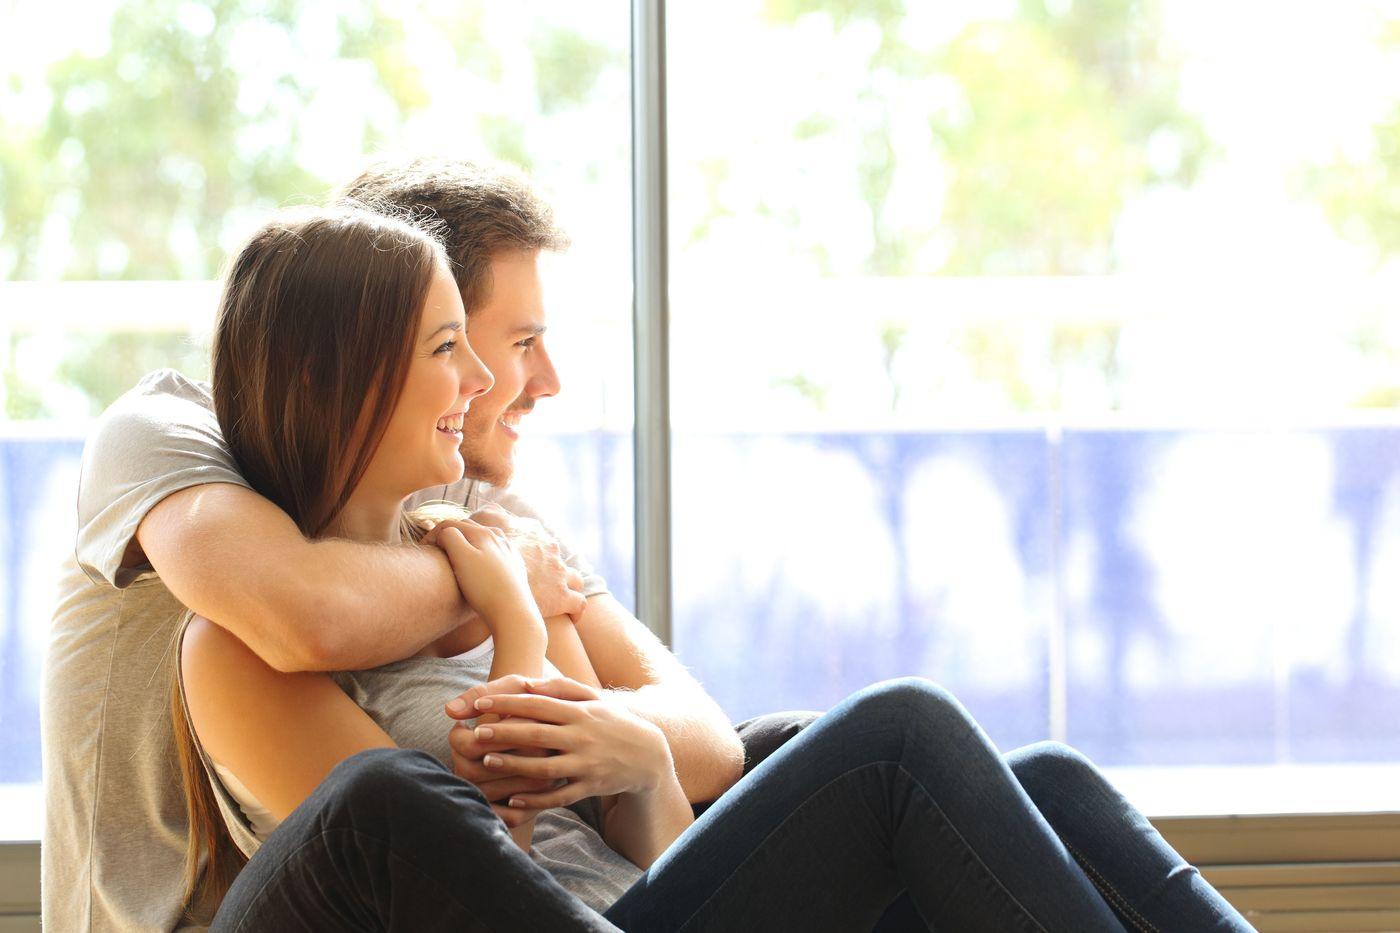 【結婚】楽しいのはいつまで?《楽しい結婚生活が長続きする方法♡》の2枚目の画像